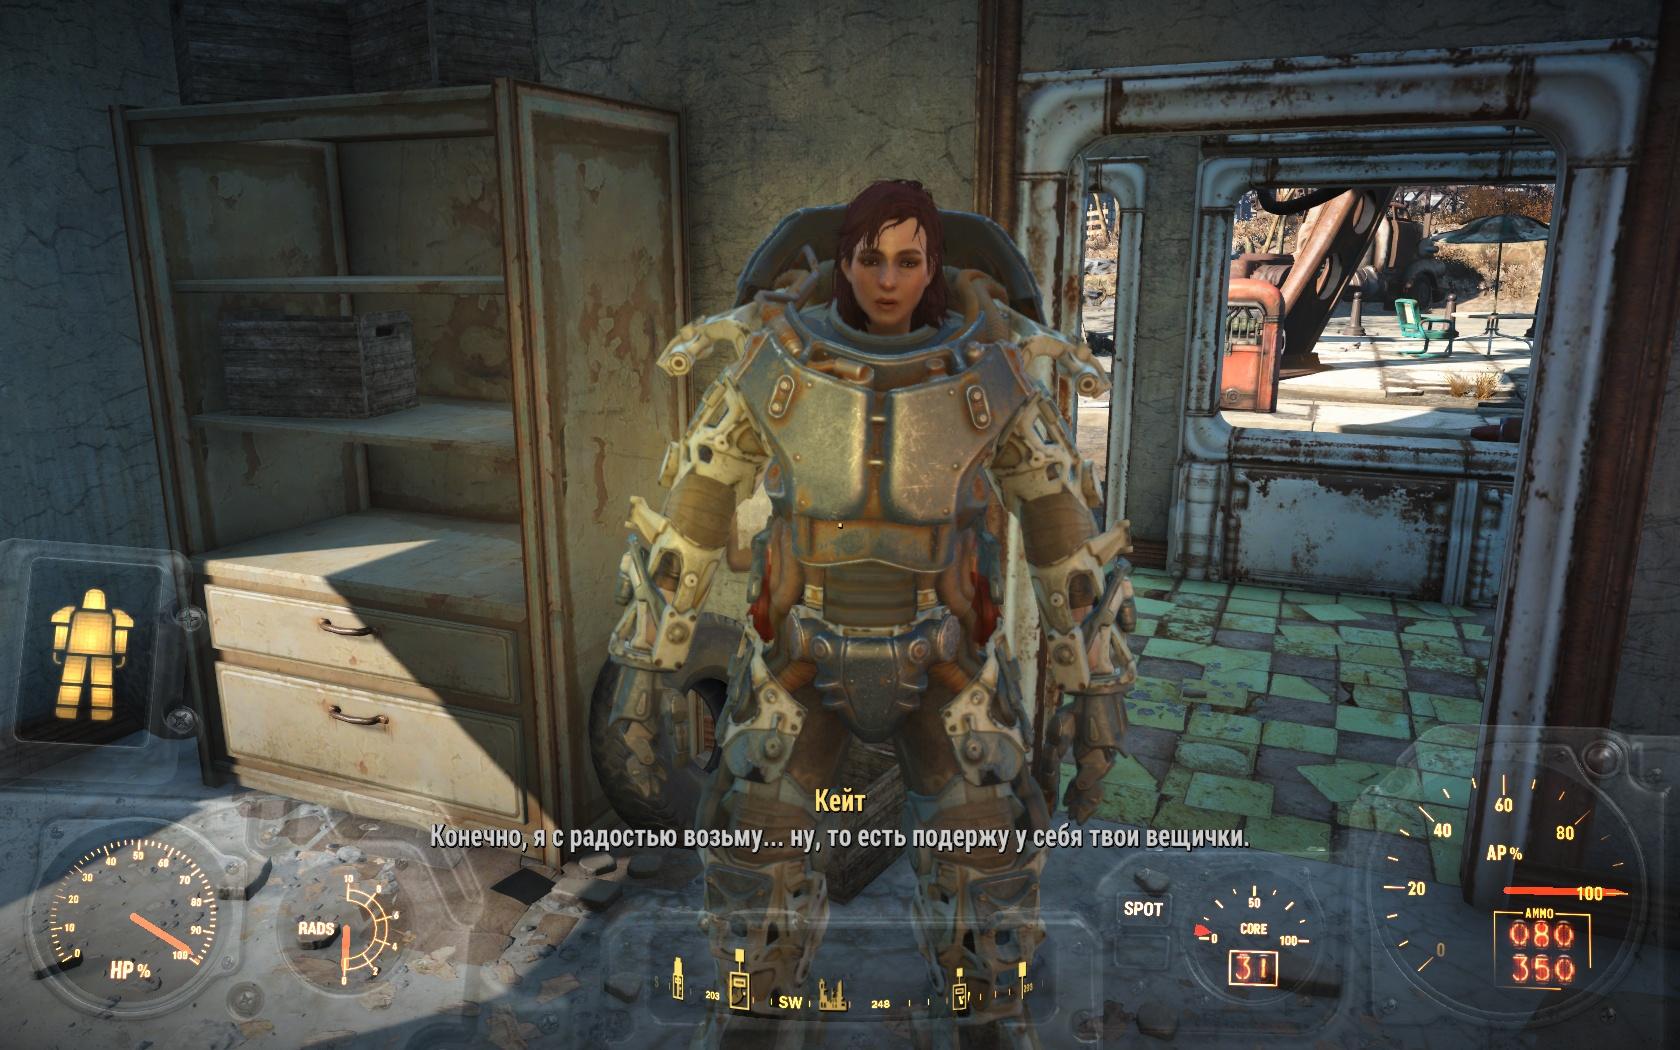 Кейт - сама невинность! (собираюсь отдать ей части брони после ремонта, а она...) - Fallout 4 Кейт